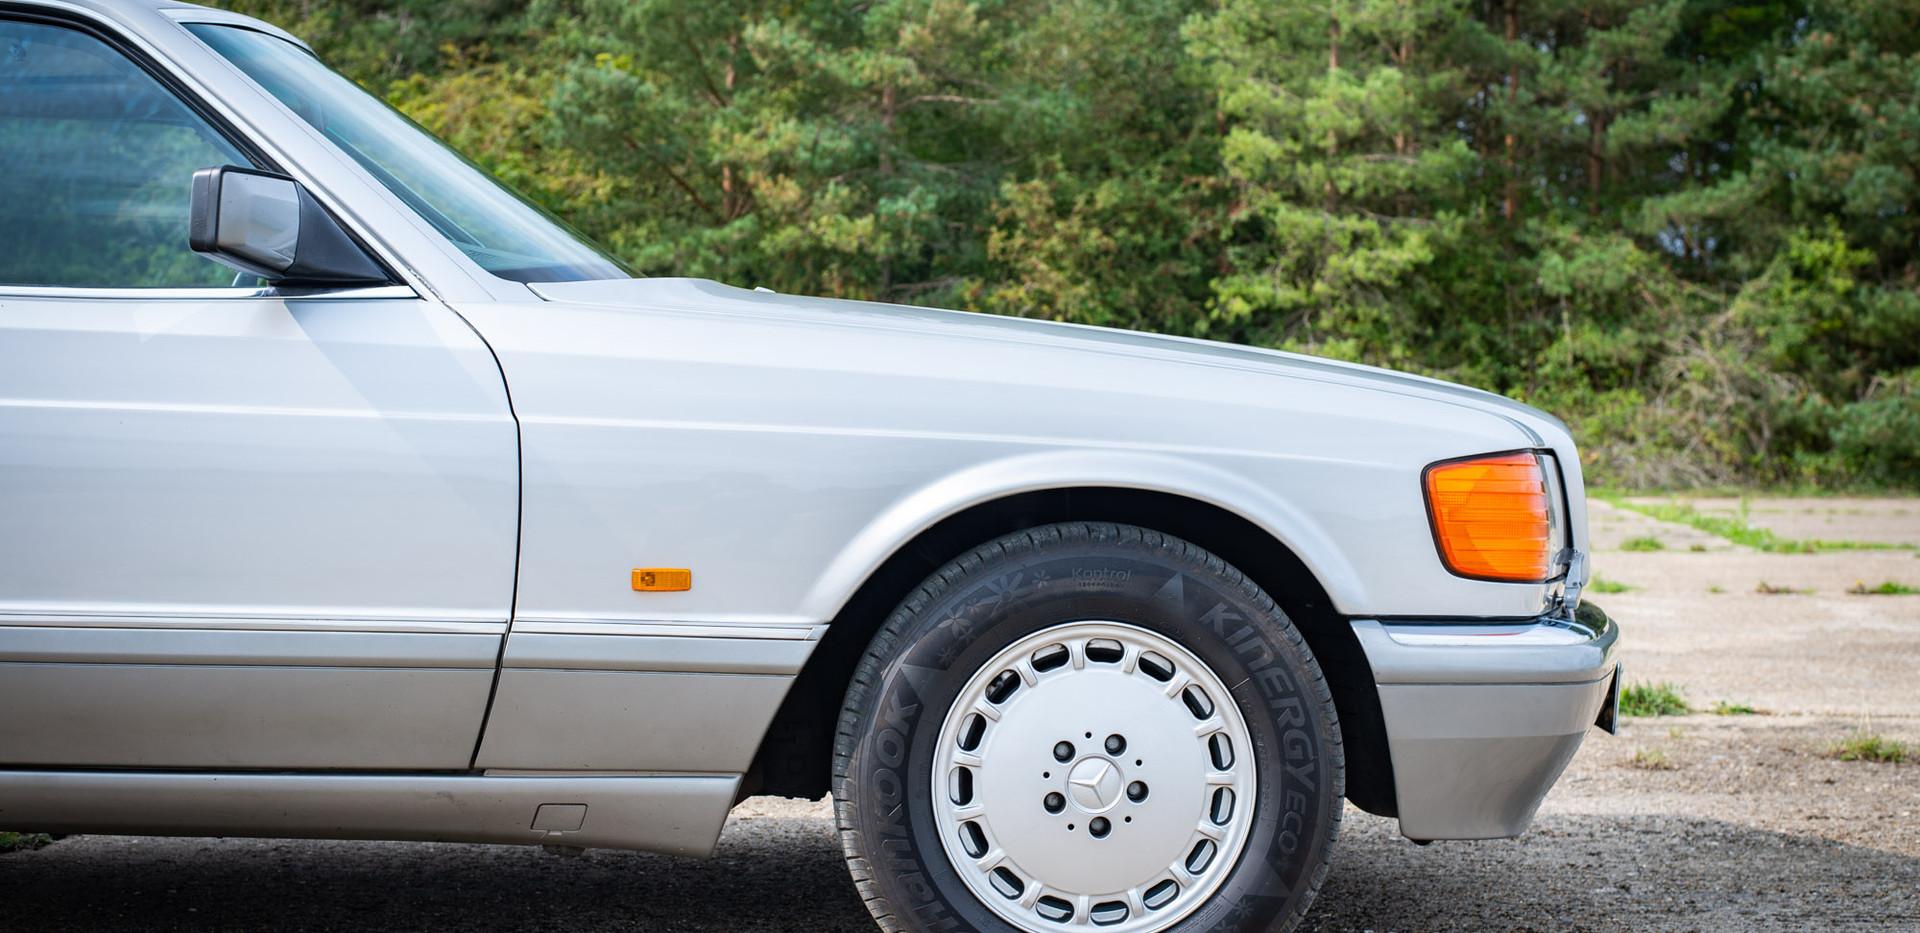 W126 420SEC - Uk for sale london-11.jpg